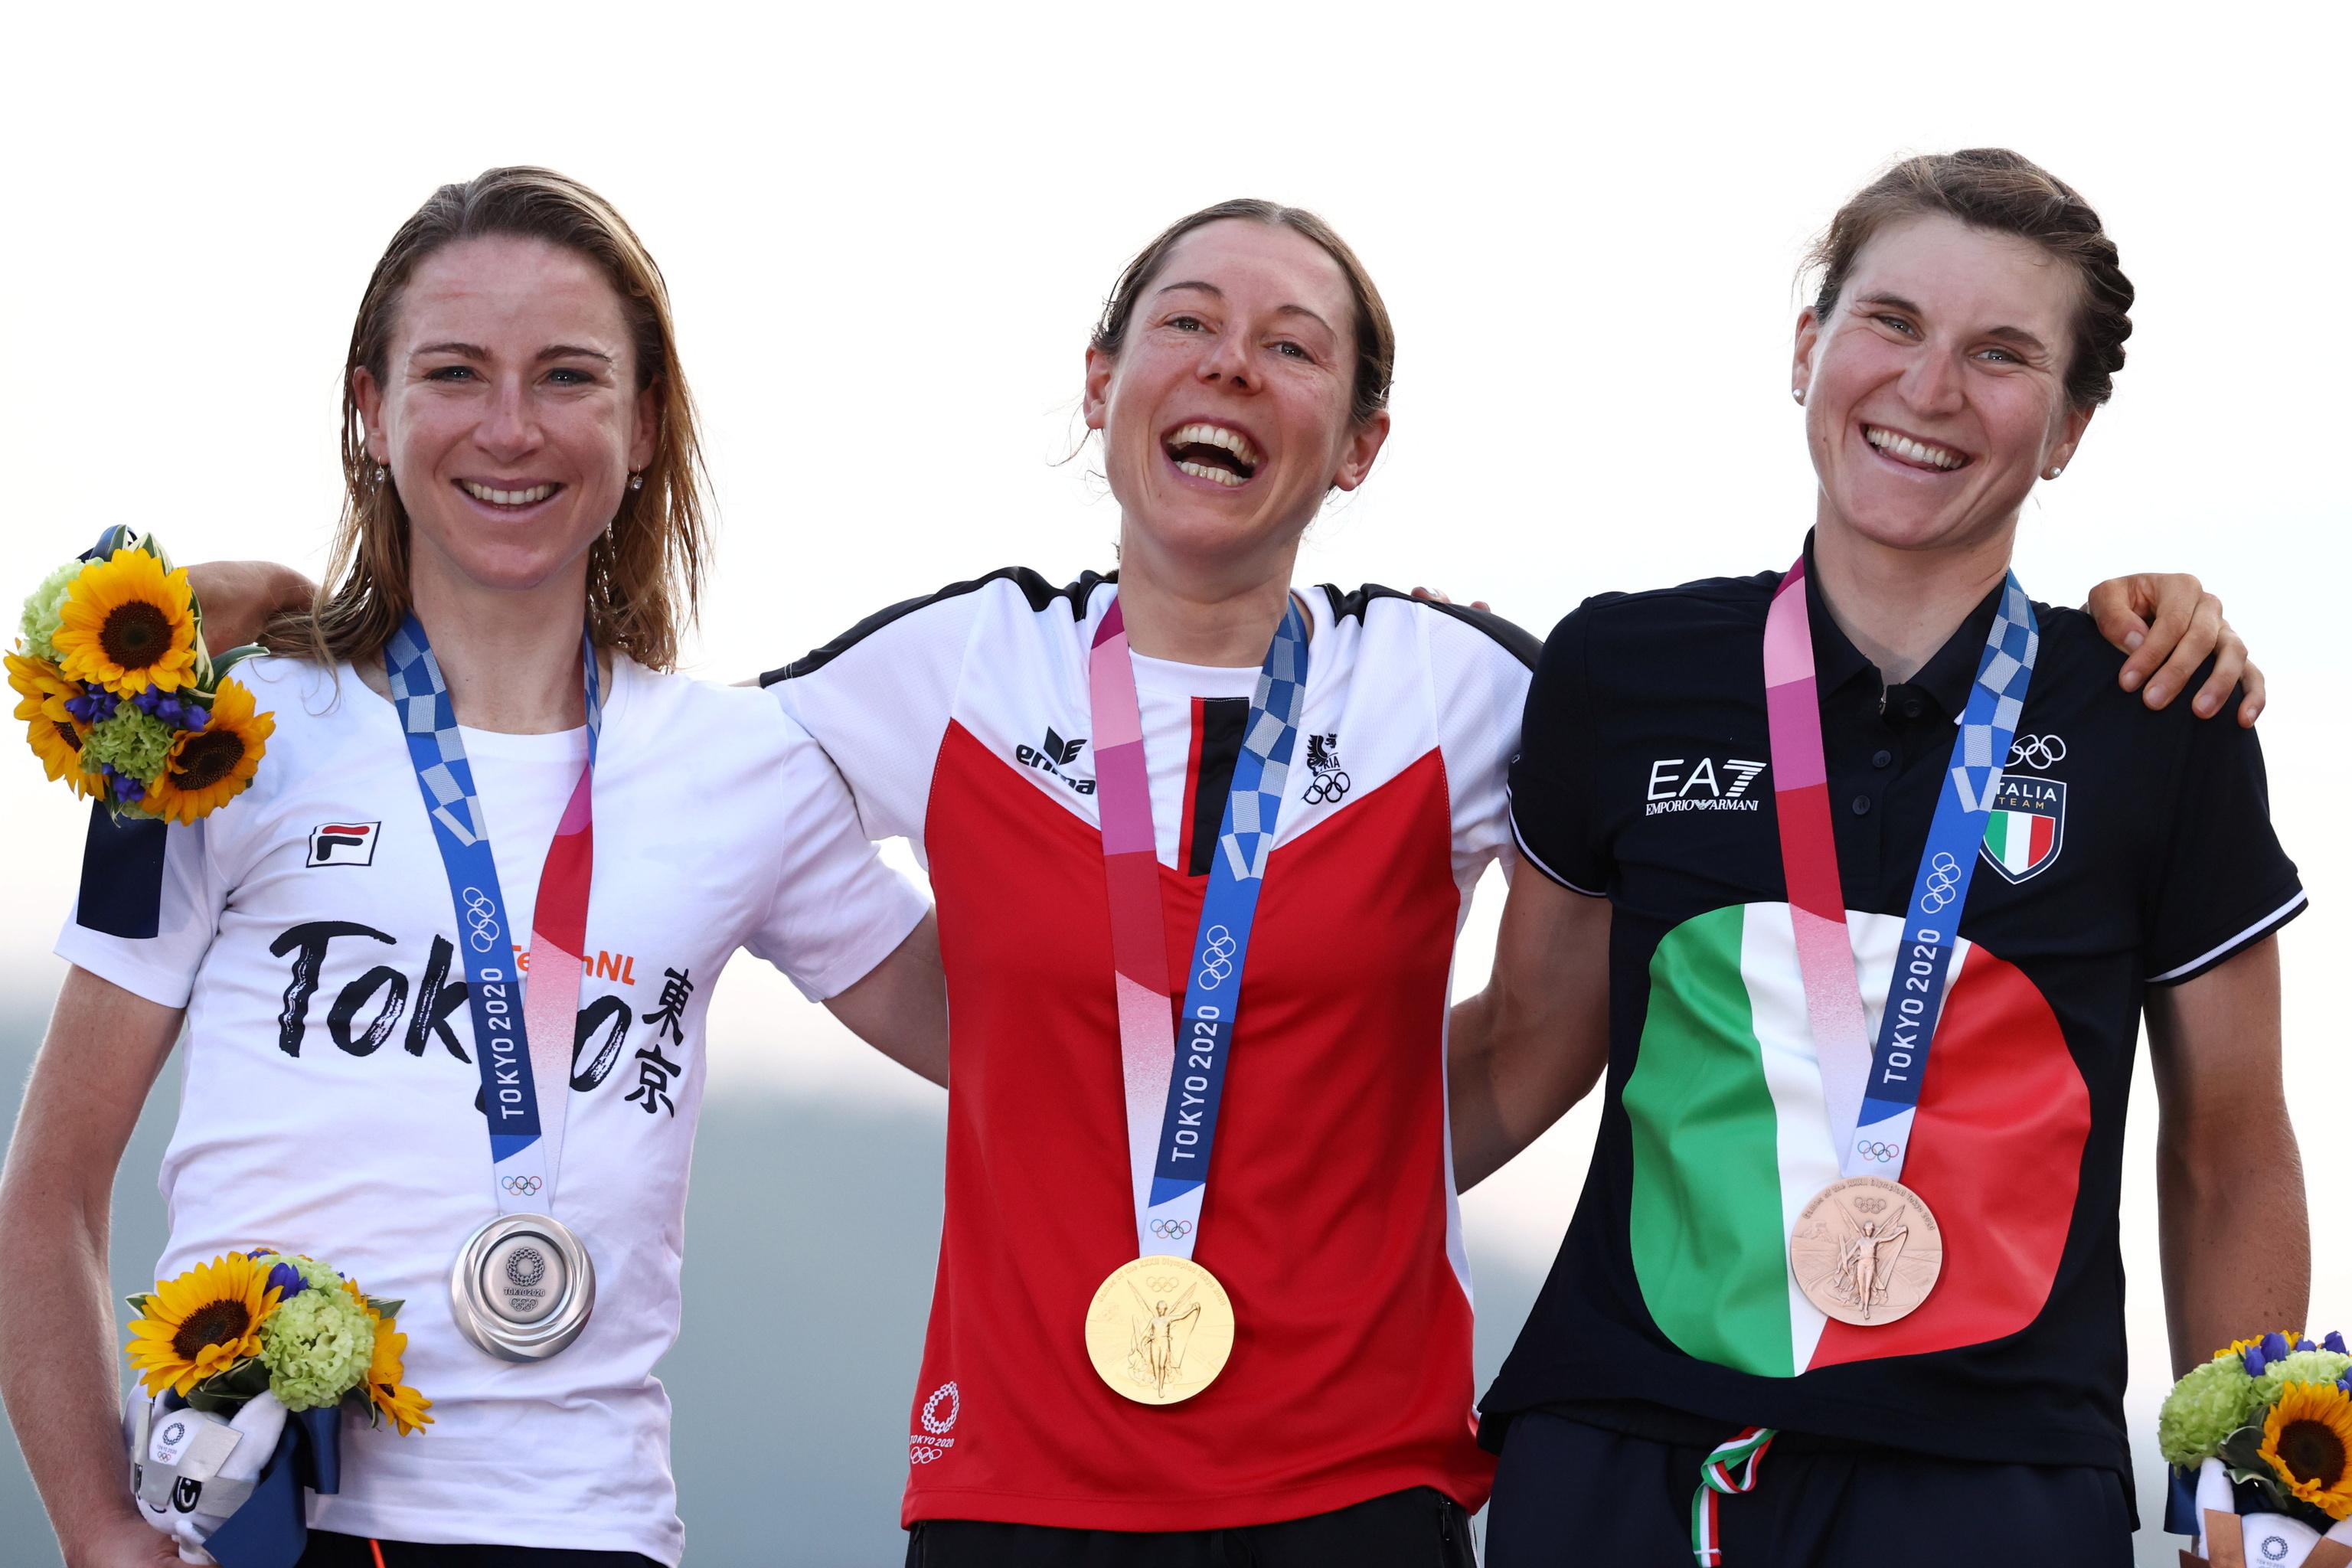 Kiesenhofer, en el podio junto a Van Vleuten (plata) y Longo (bronce).